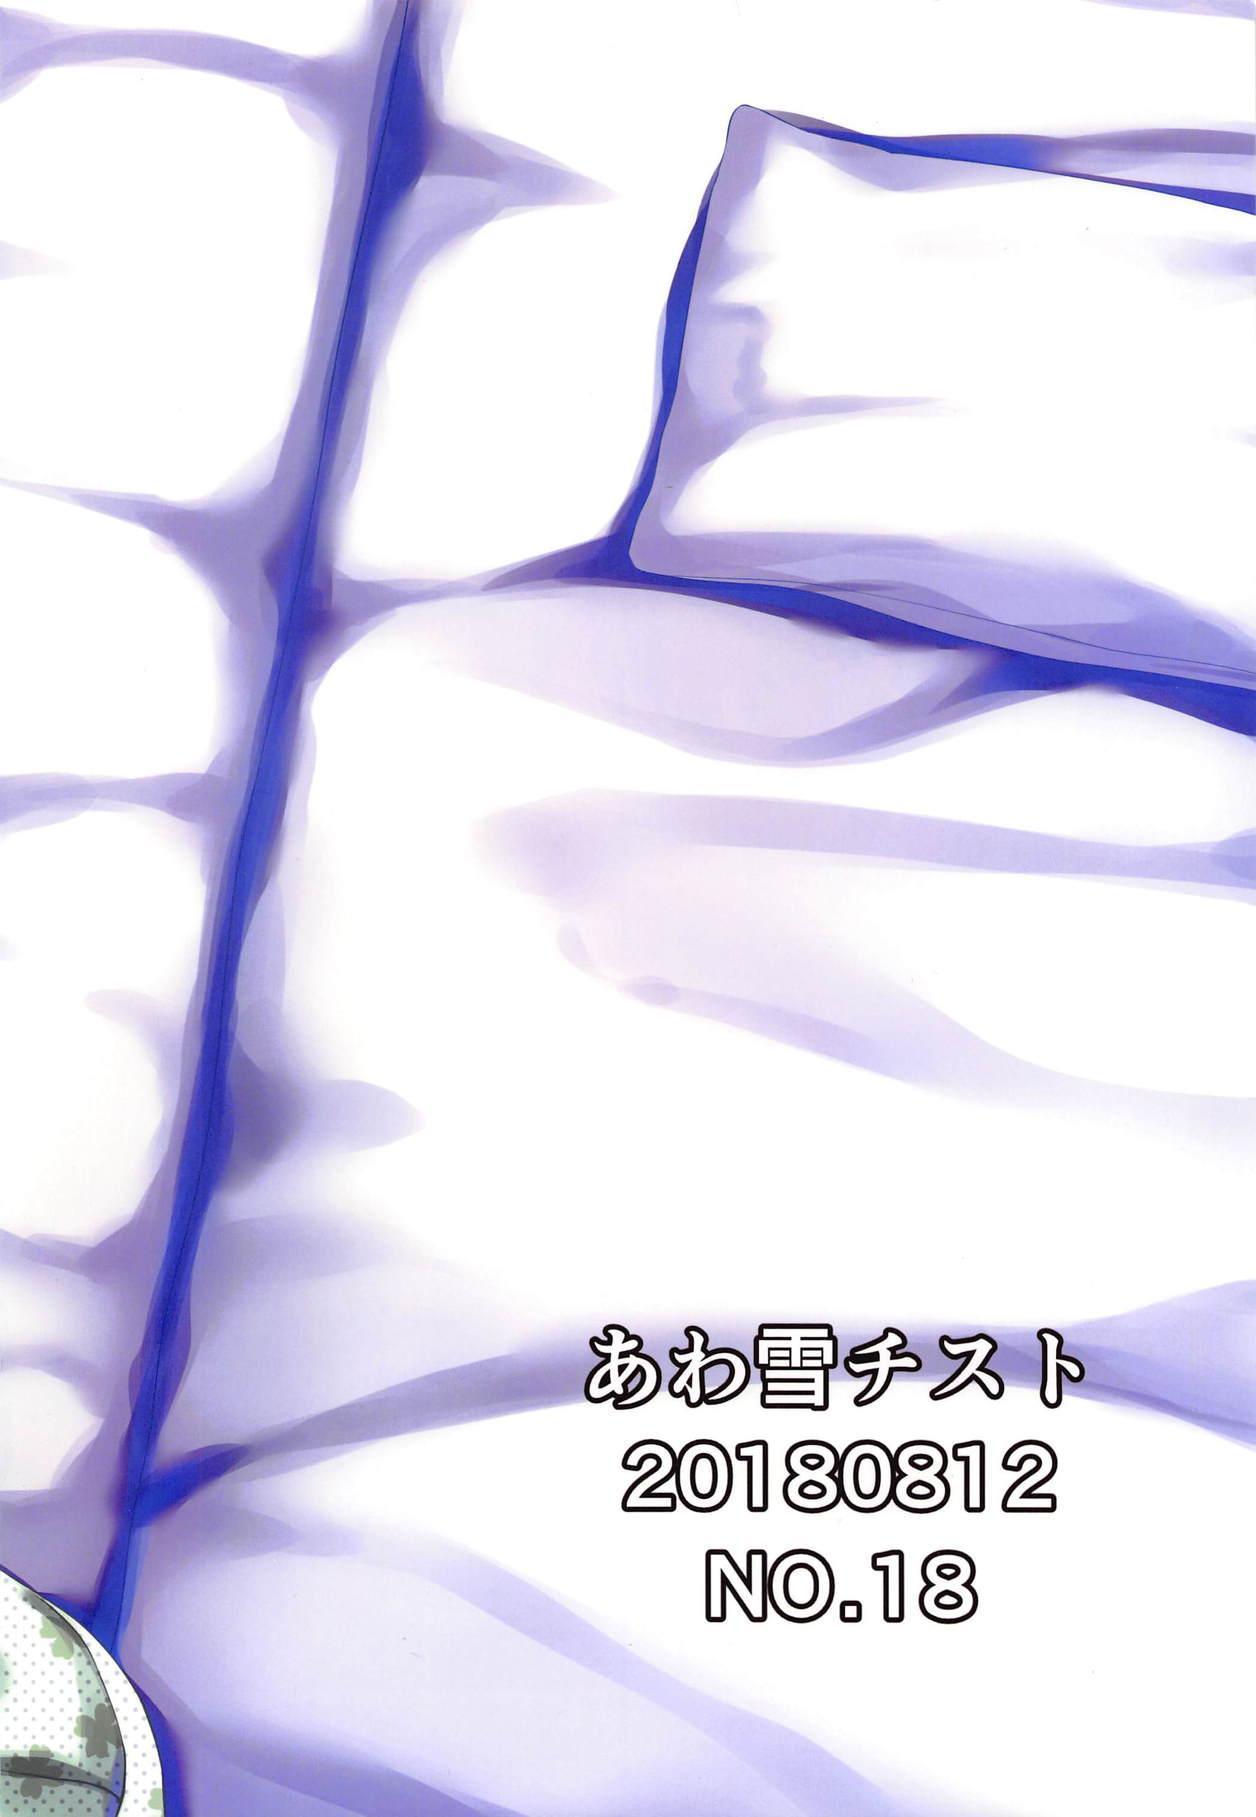 Onsen to Yukata to Chieri to Ecchi | Hot Spring, Yukata, and Sex with Chieri 25